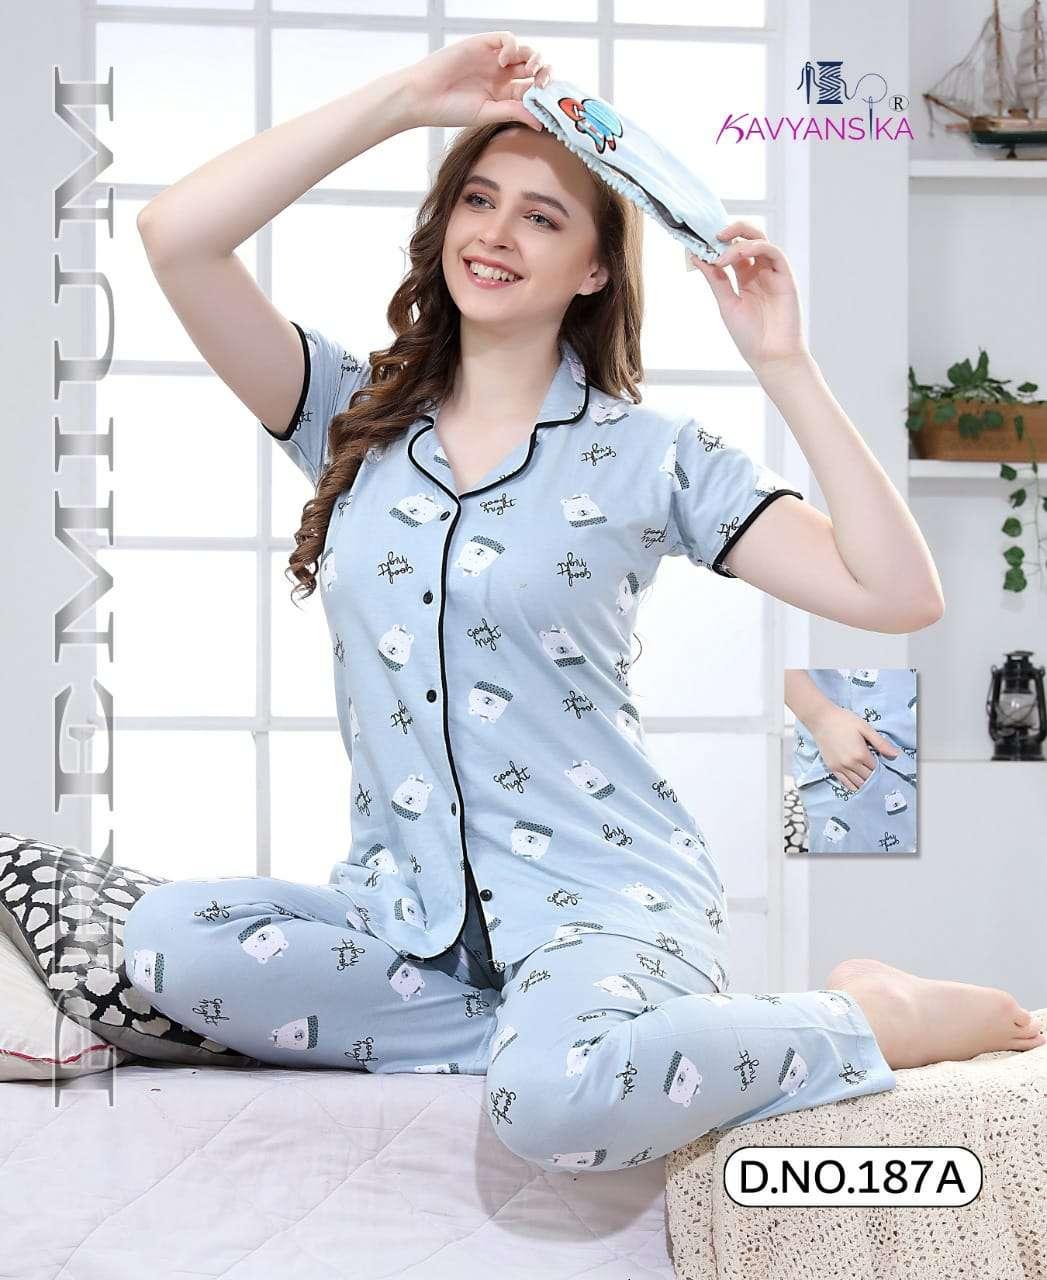 Kavyansika Collar Vol-187 Hosiery Cotton Ladies Night Suit